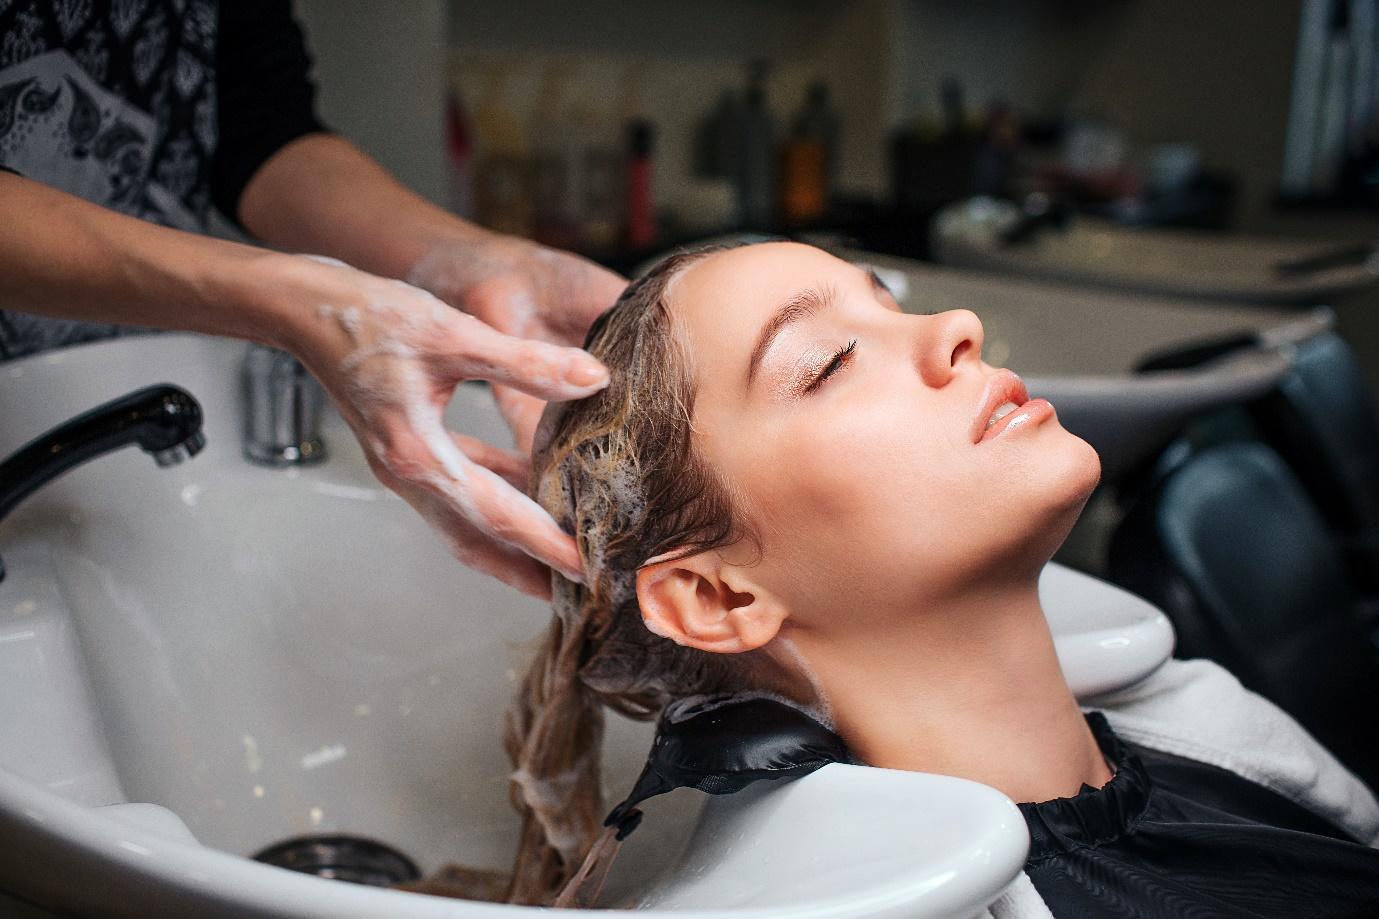 שיקום שיער בטיפול אחד מהיר